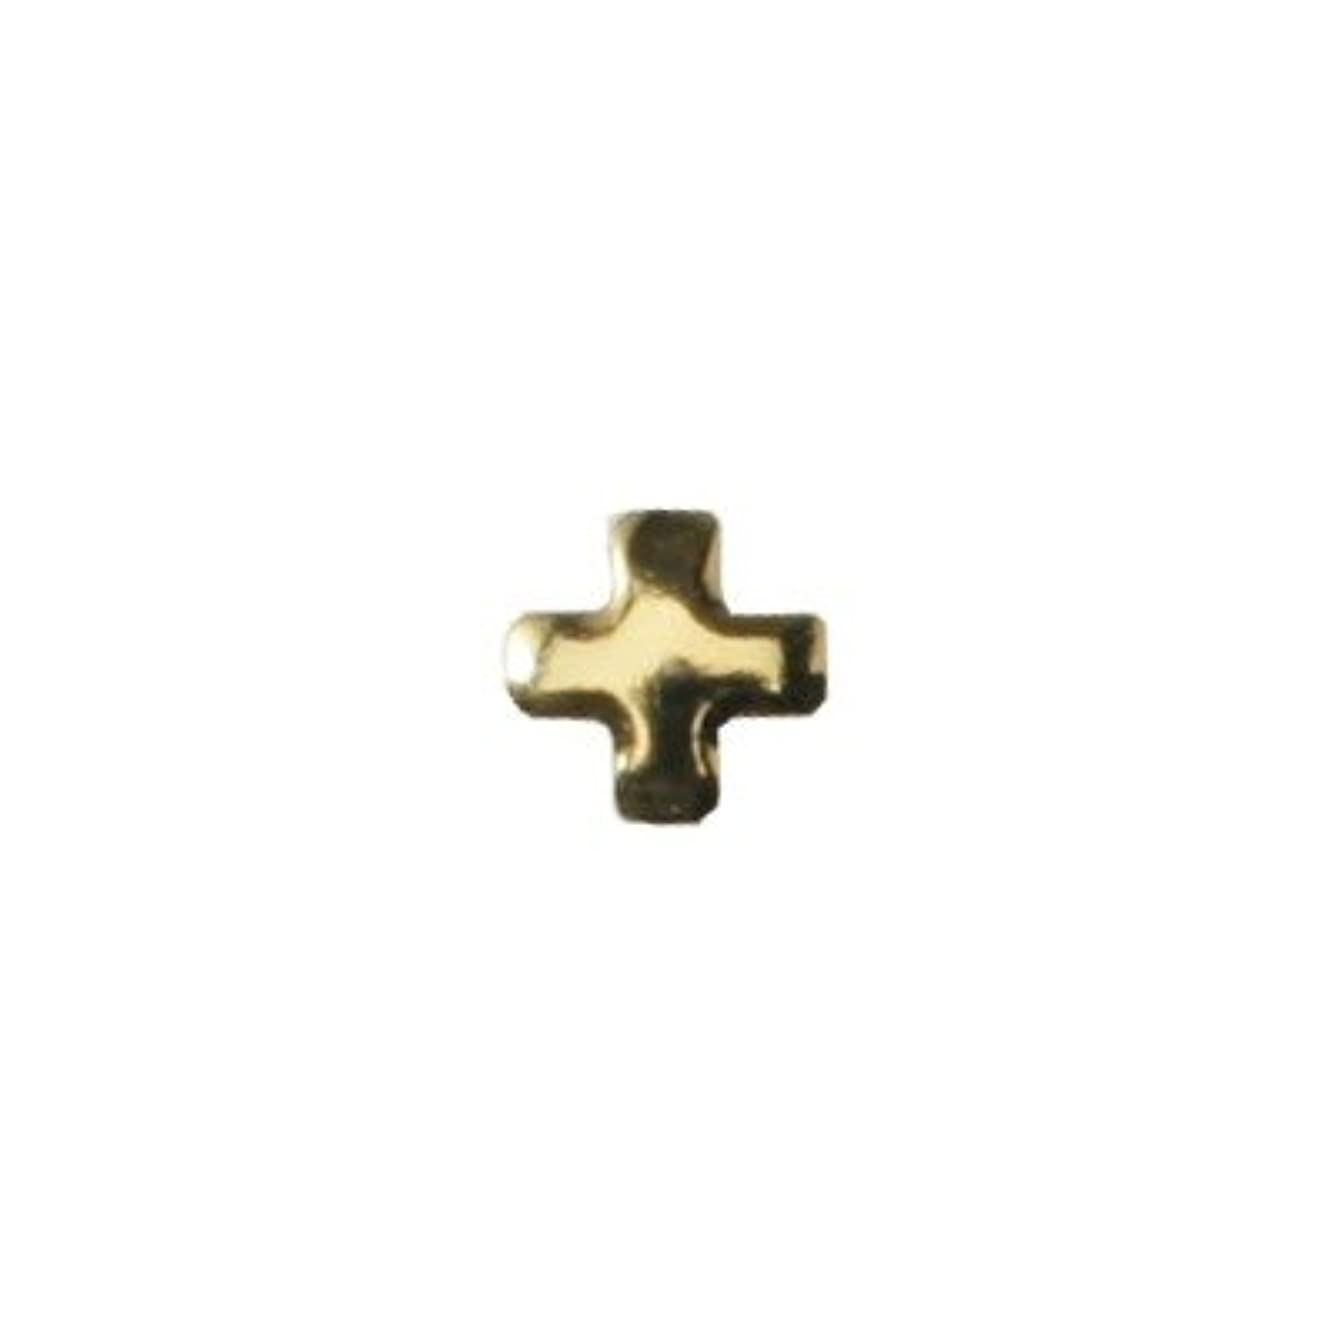 木製ズボンバンケットピアドラ スタッズ クロスレット 3mm 50P ゴールド